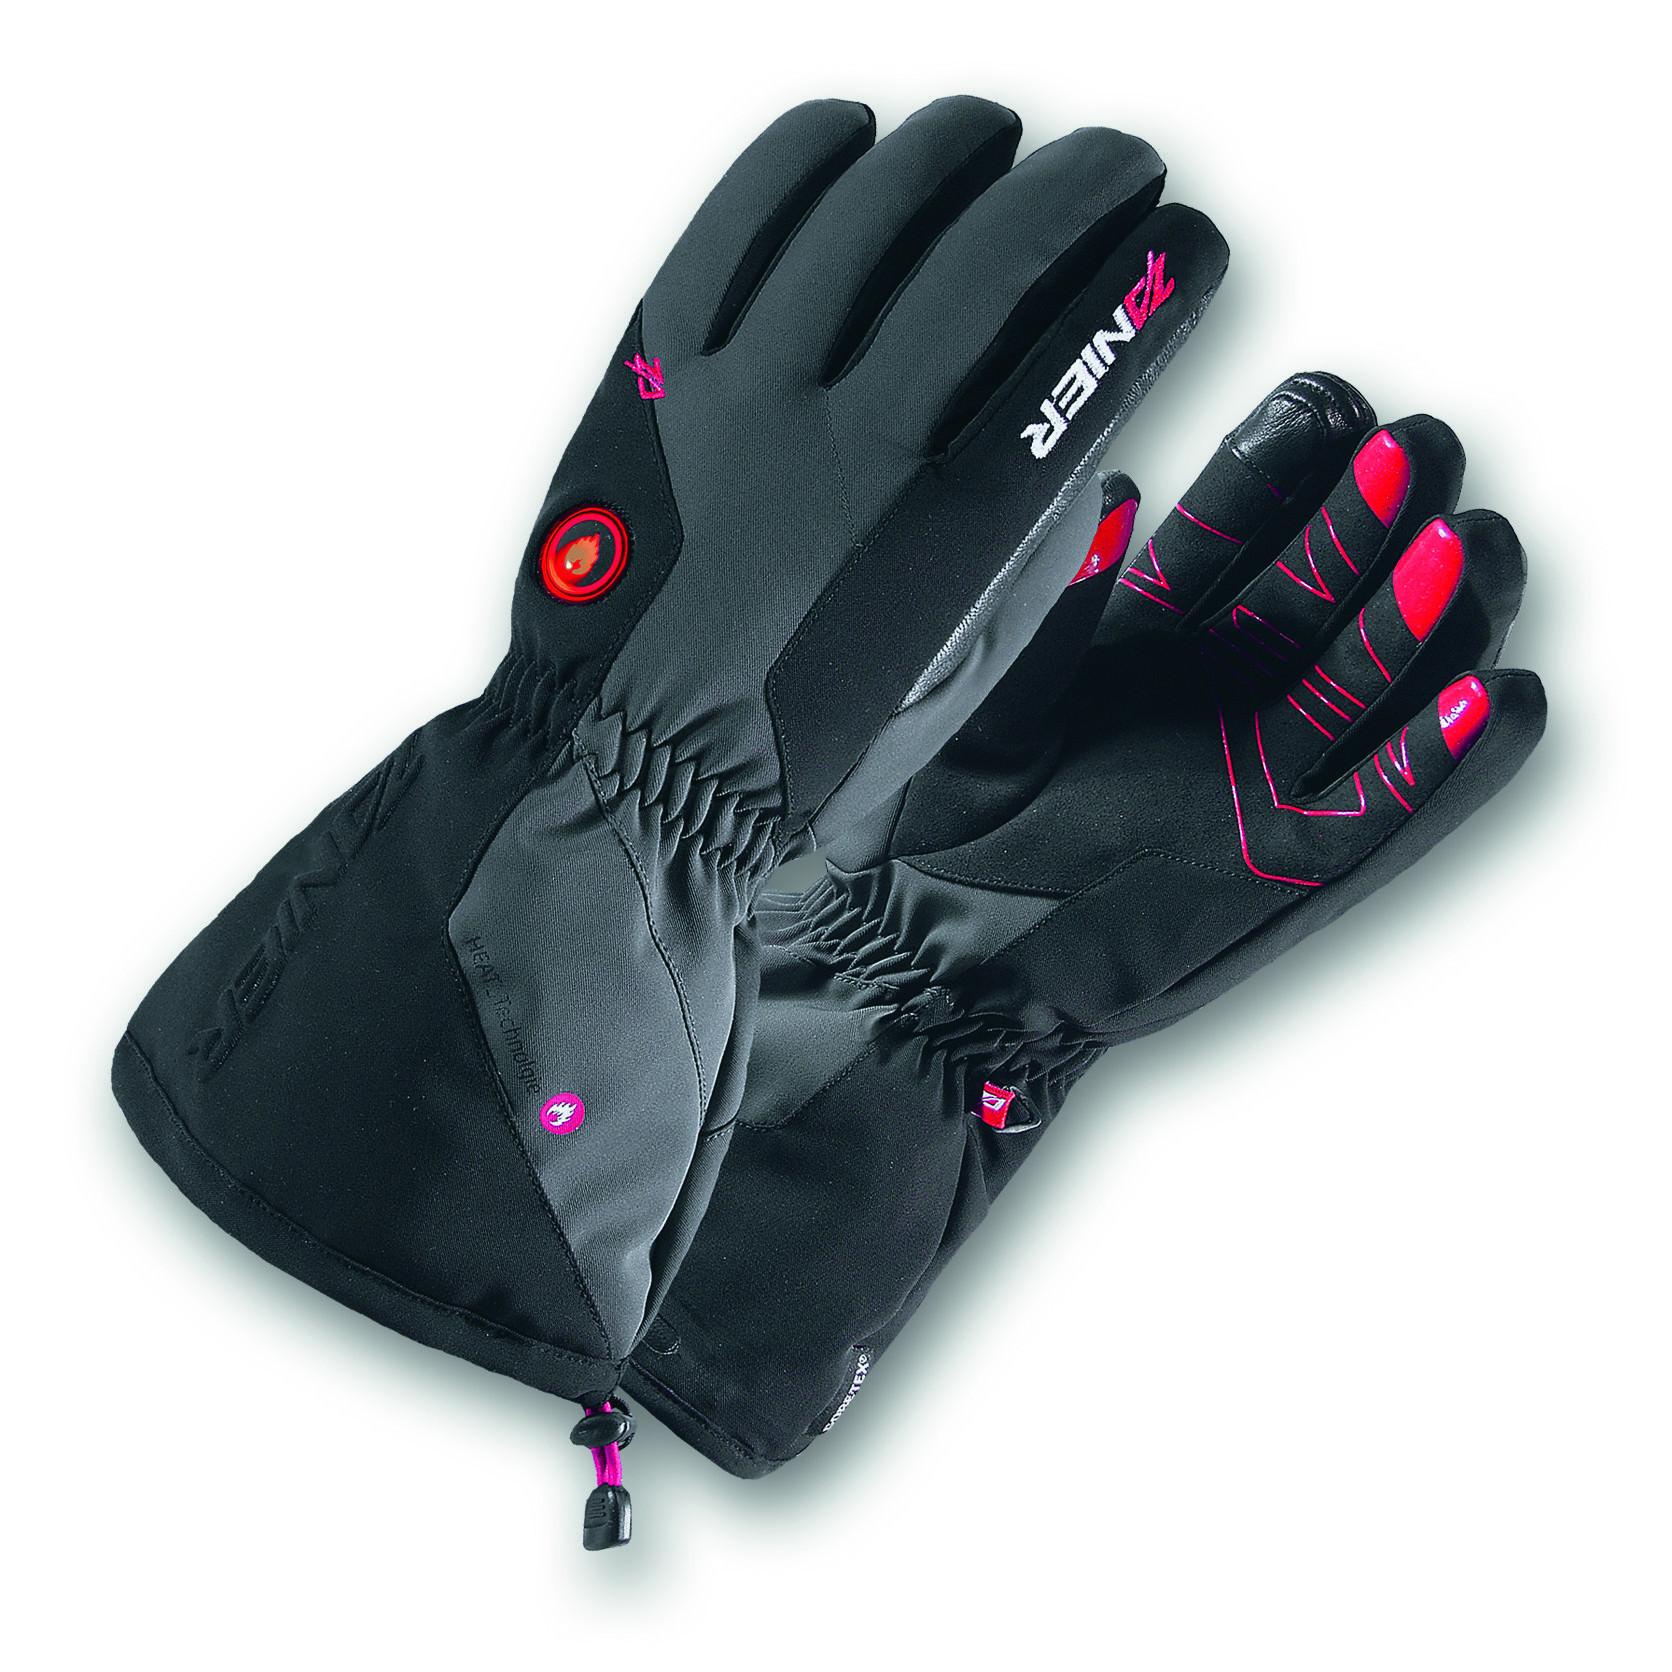 brand new 9401f d7e78 Gewinnspiel + Gore warm Technologie – Handschuhe gegen Eishände bei Ski  und Snowboard  Blog übers Laufen in Berlin vom Laufanfänger bis  Halb-Marathon ...